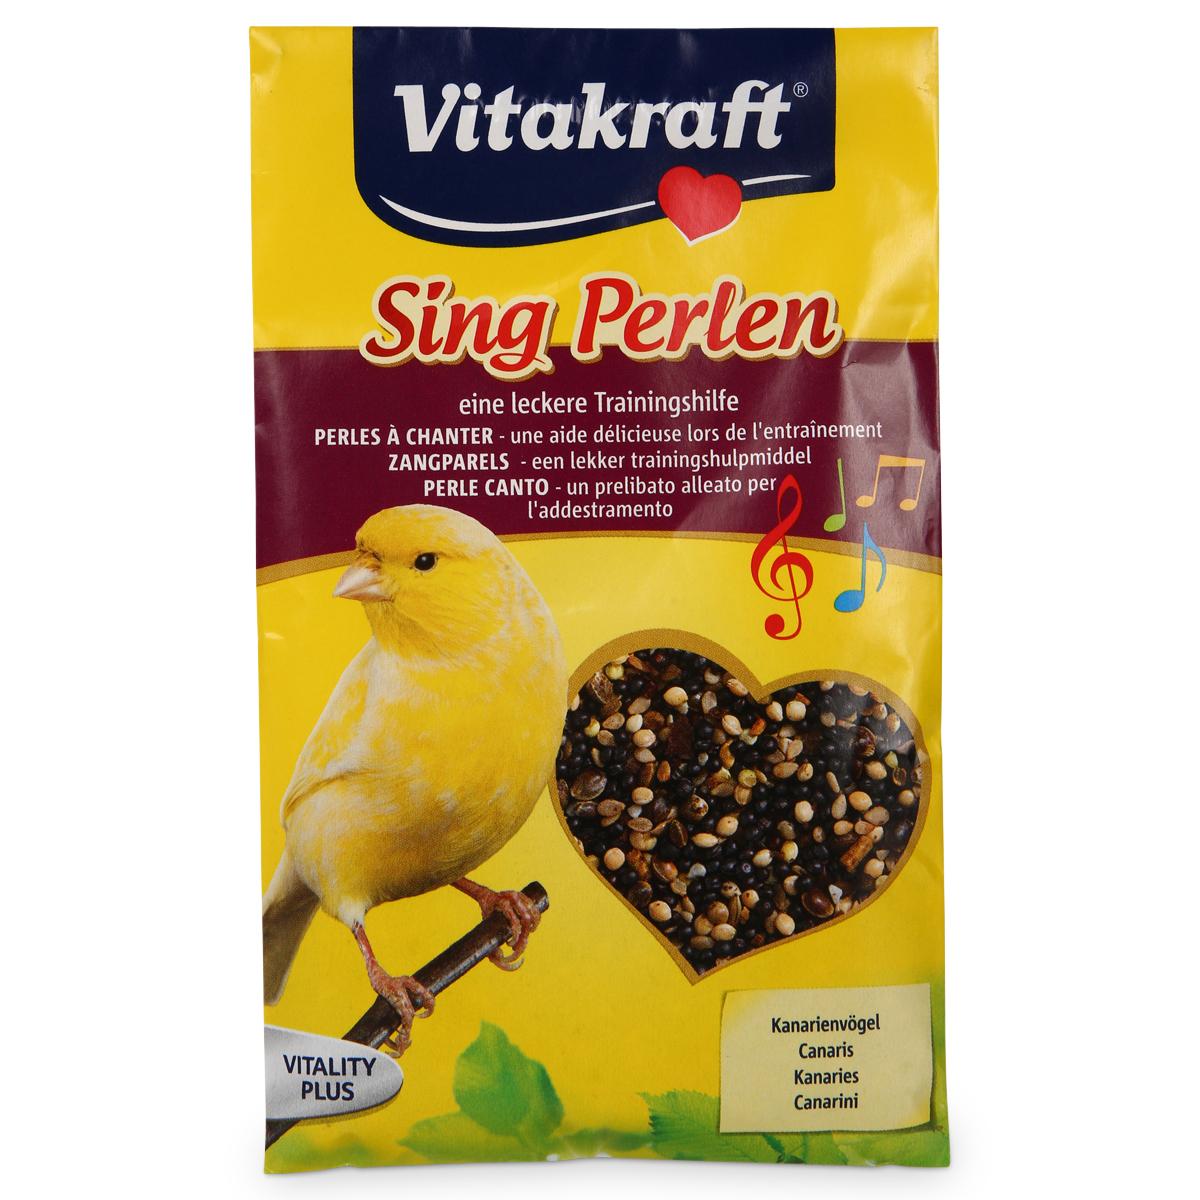 Vitakraft kanarienvogel sing perlen günstig kaufen bei